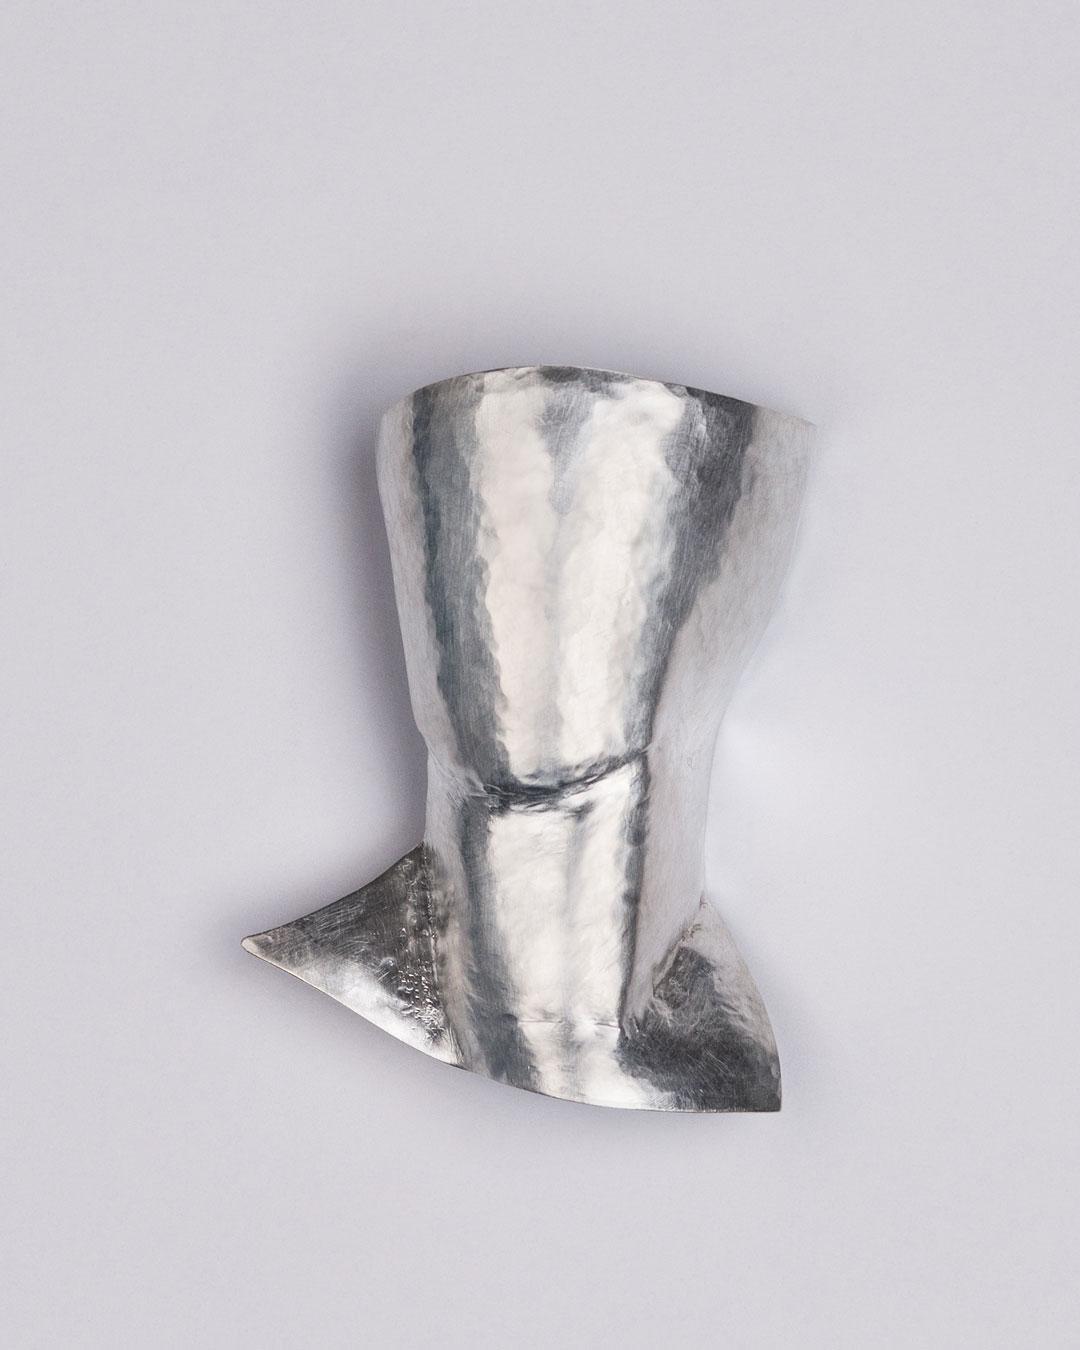 Antje Bräuer, Portrait, 2018, brooch; silver, steel, 56 x 40 x 17 mm, €1225